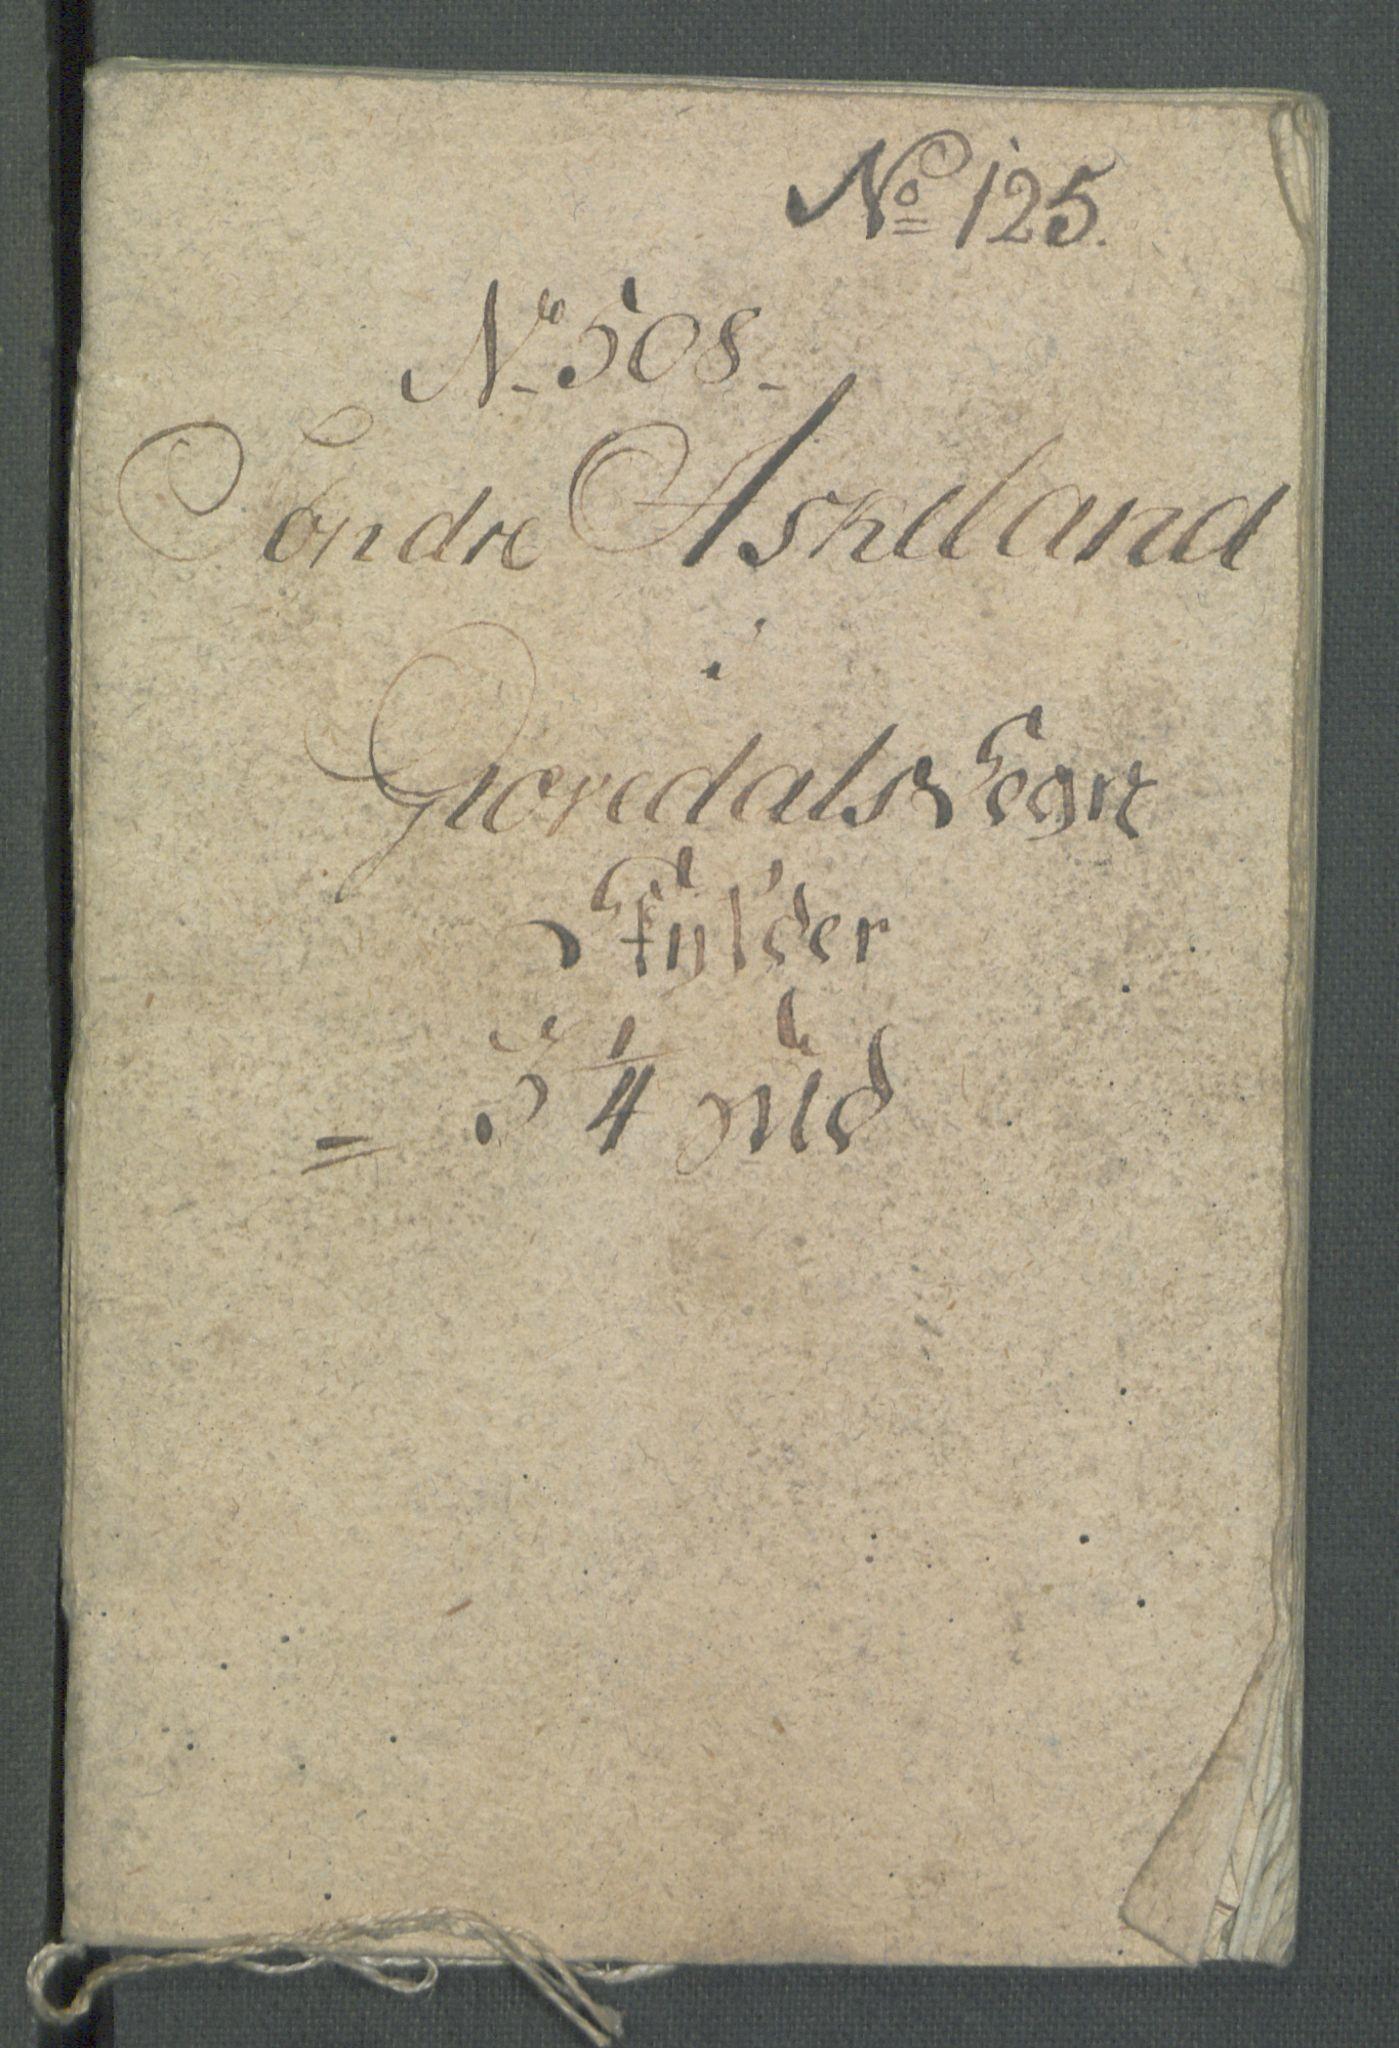 RA, Rentekammeret inntil 1814, Realistisk ordnet avdeling, Od/L0001: Oppløp, 1786-1769, s. 245